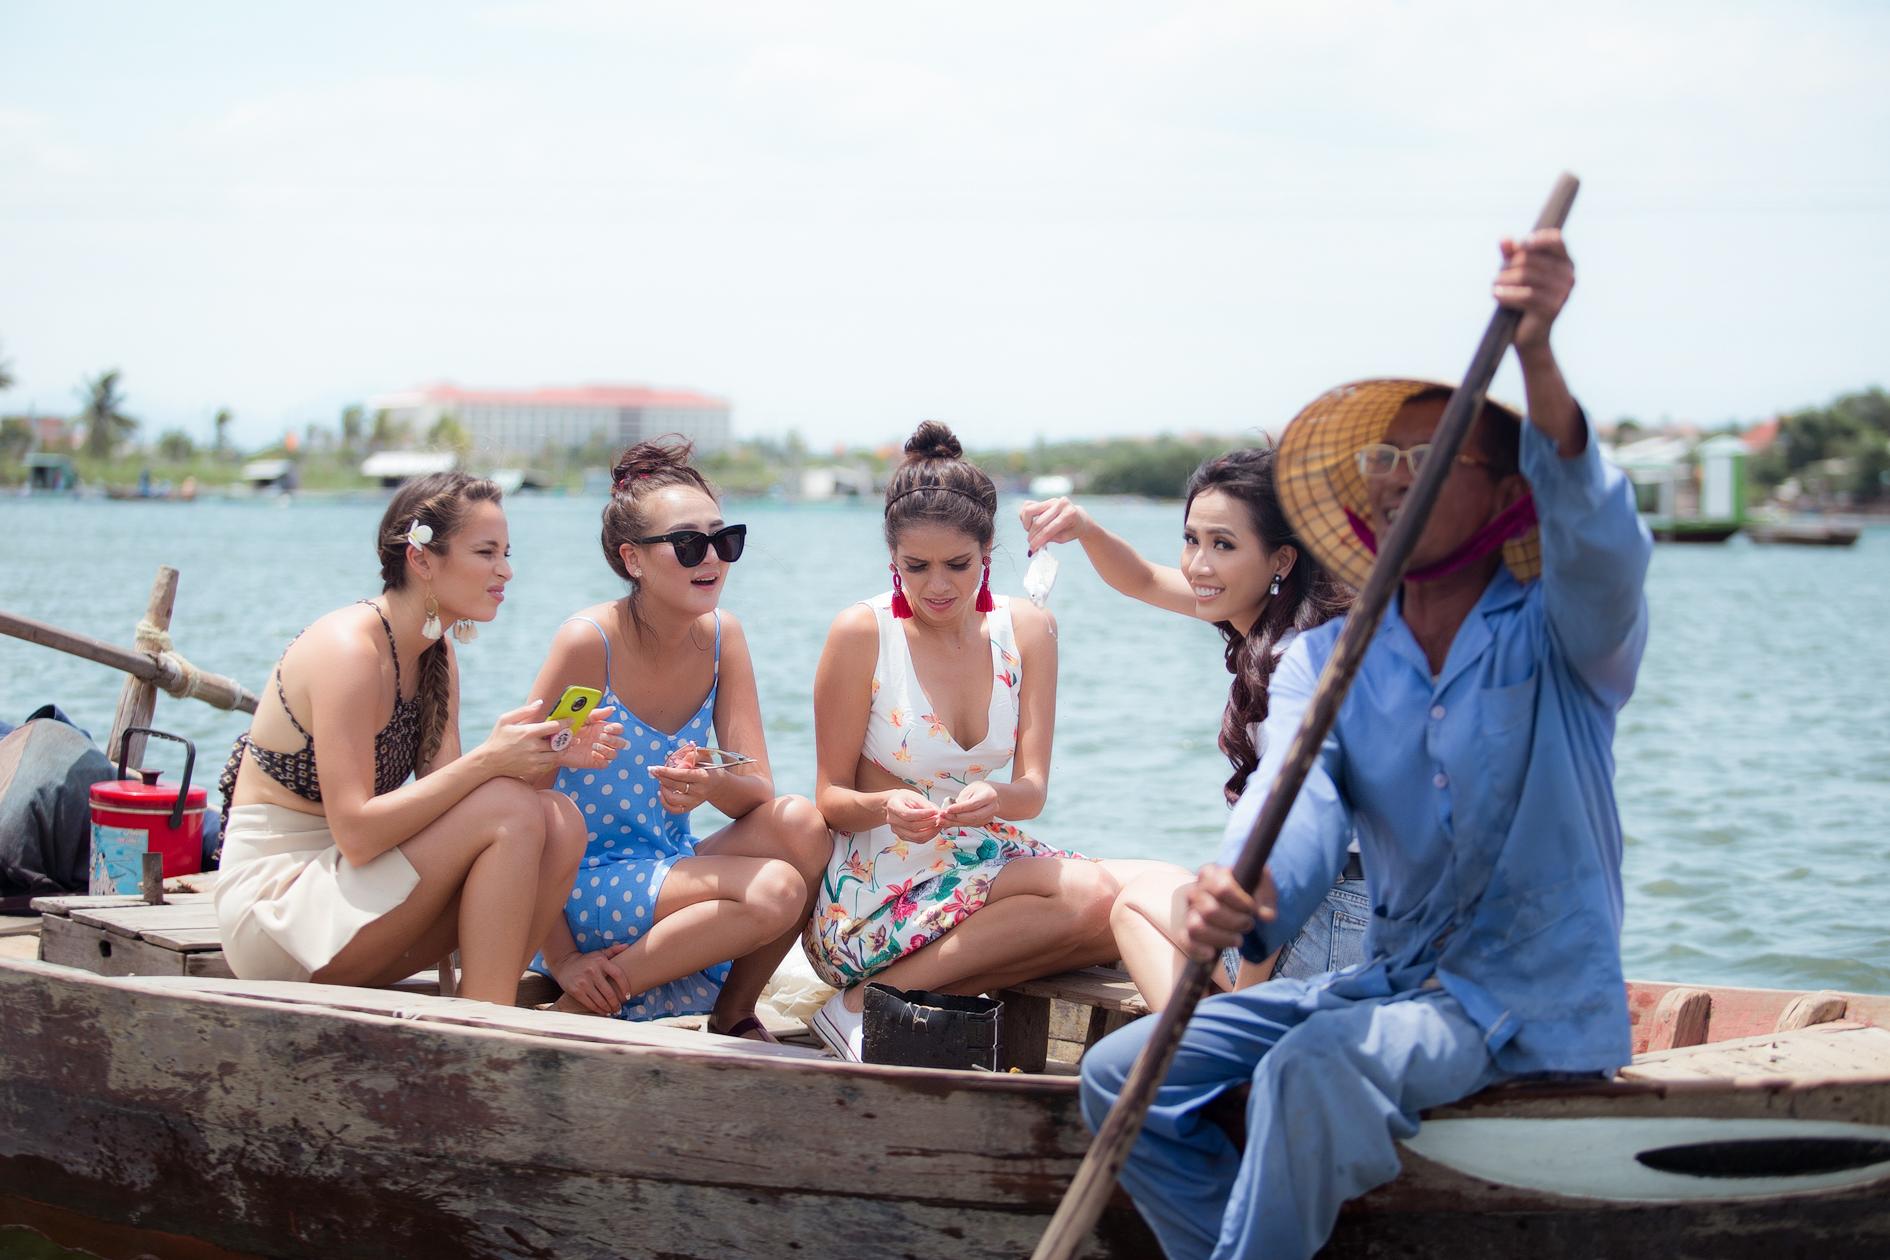 Hoa hậu Phan Thị Mơ cùng các người đẹp chèo thuyền thúng, quăng chài, thả lưới với người dân 5